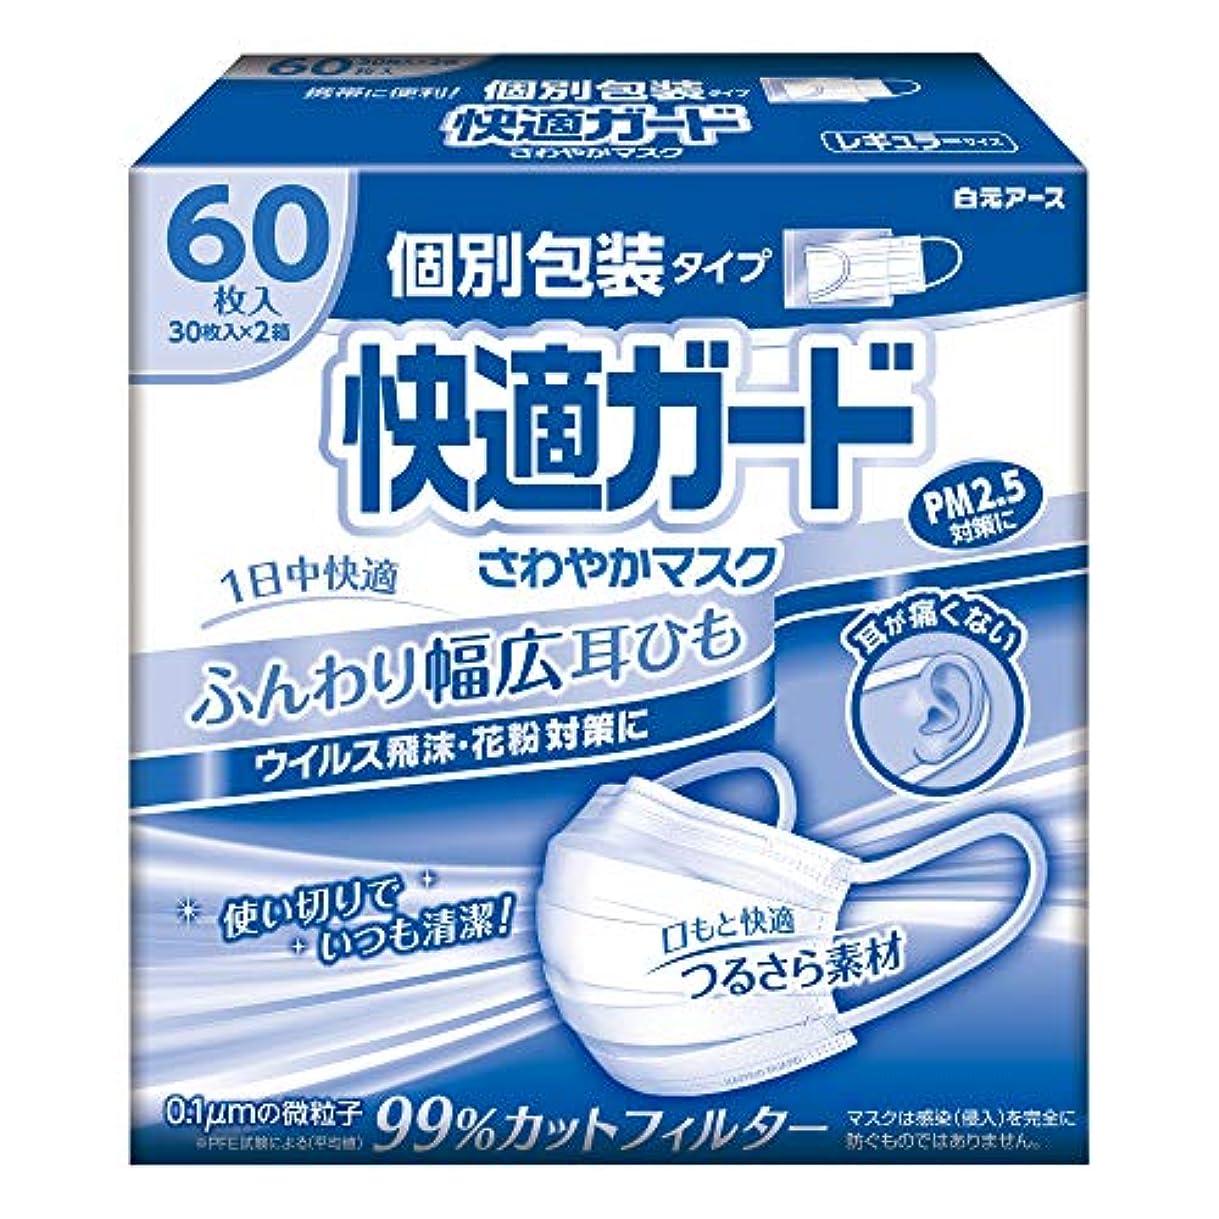 司令官パイル属性快適ガード さわやかマスク個別包装 レギュラーサイズ60枚入(30枚入×2箱)